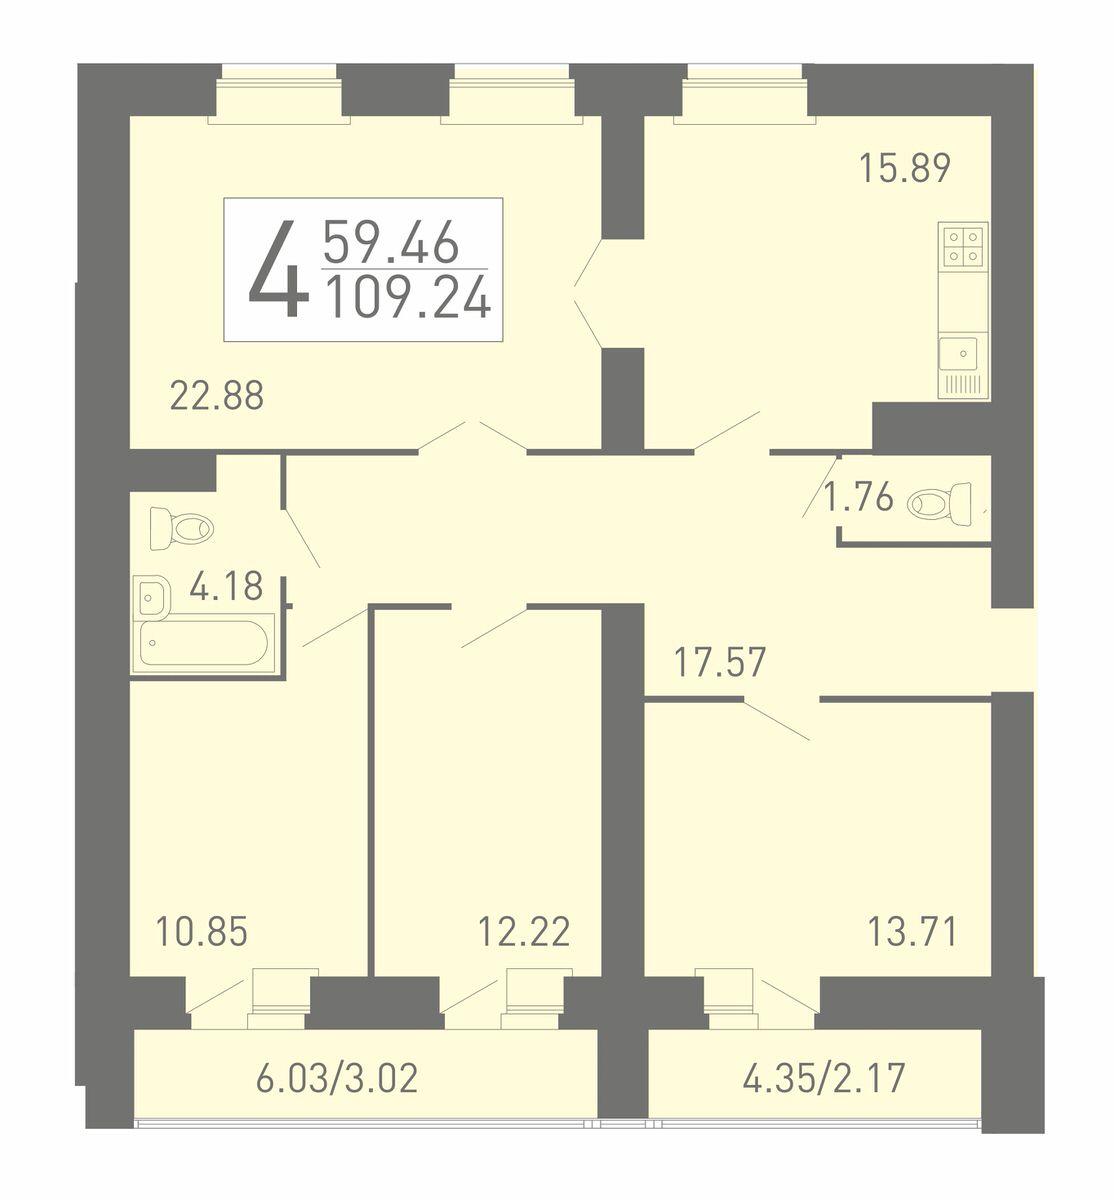 4-комнатная квартира 109.24 м² с двумя лоджиями